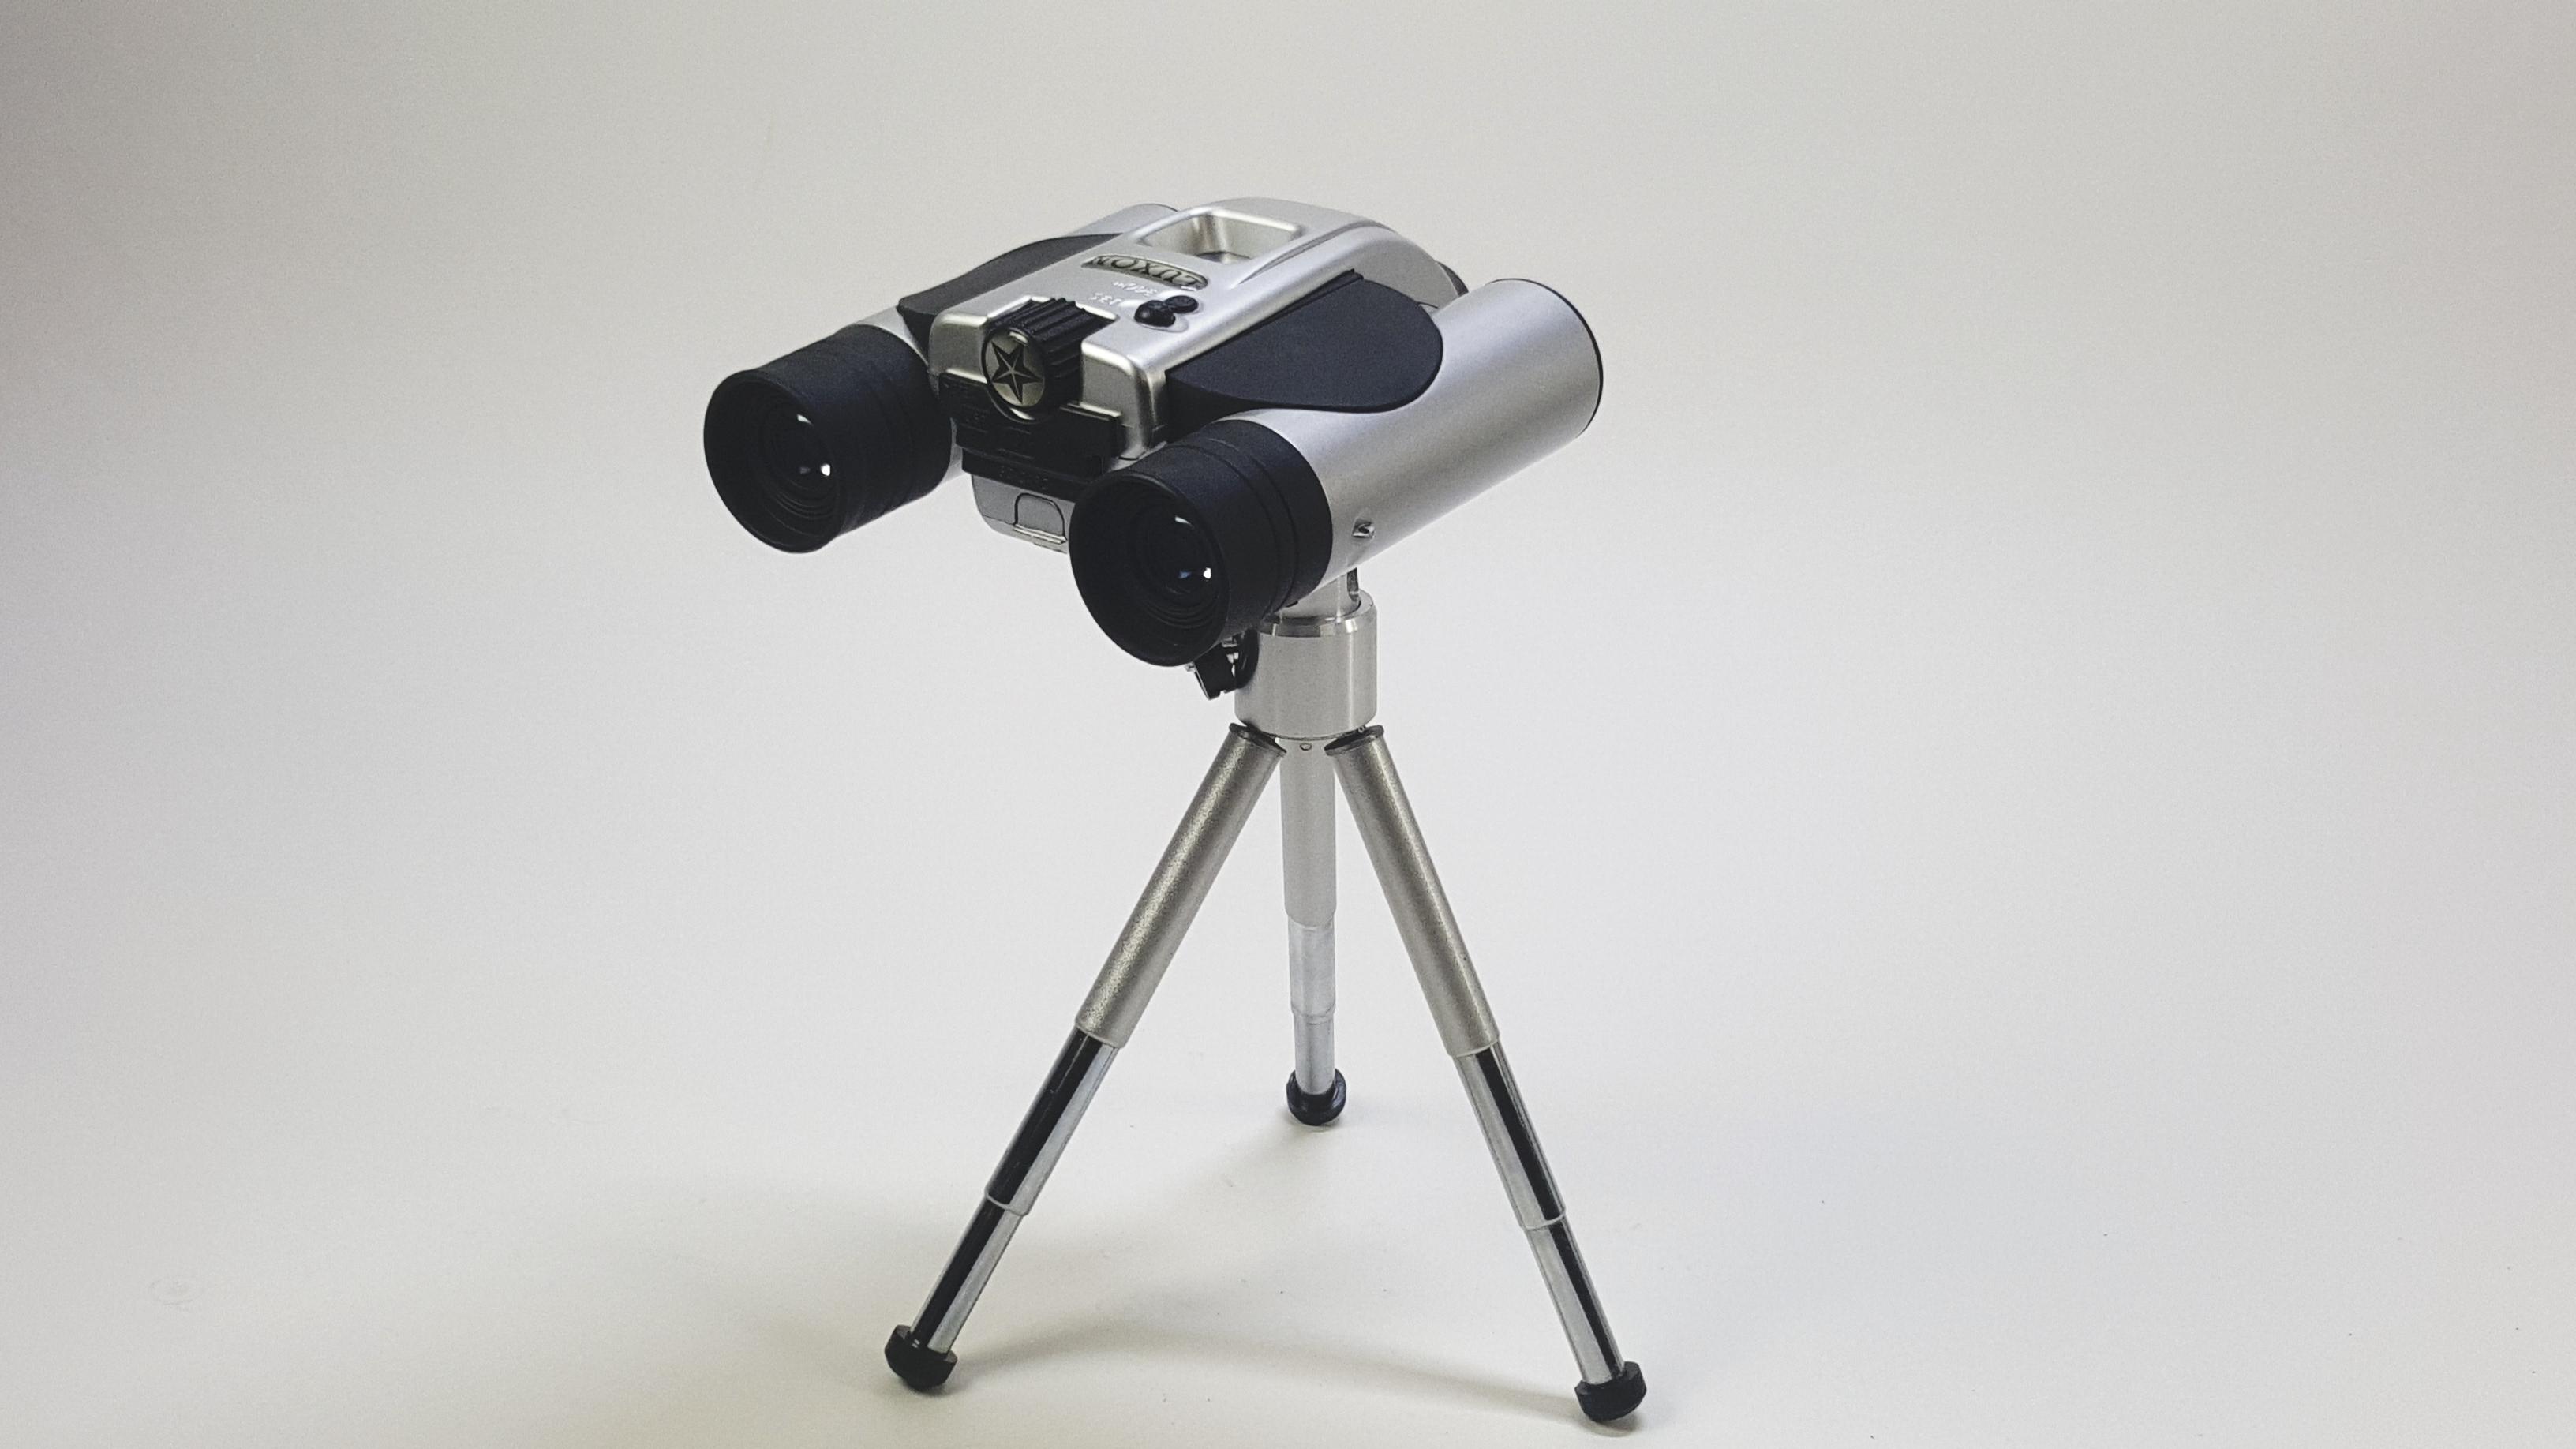 Super Luxon Verrekijker met Camera incl. Statief | JouwVeilingen.nl webshop AY-16